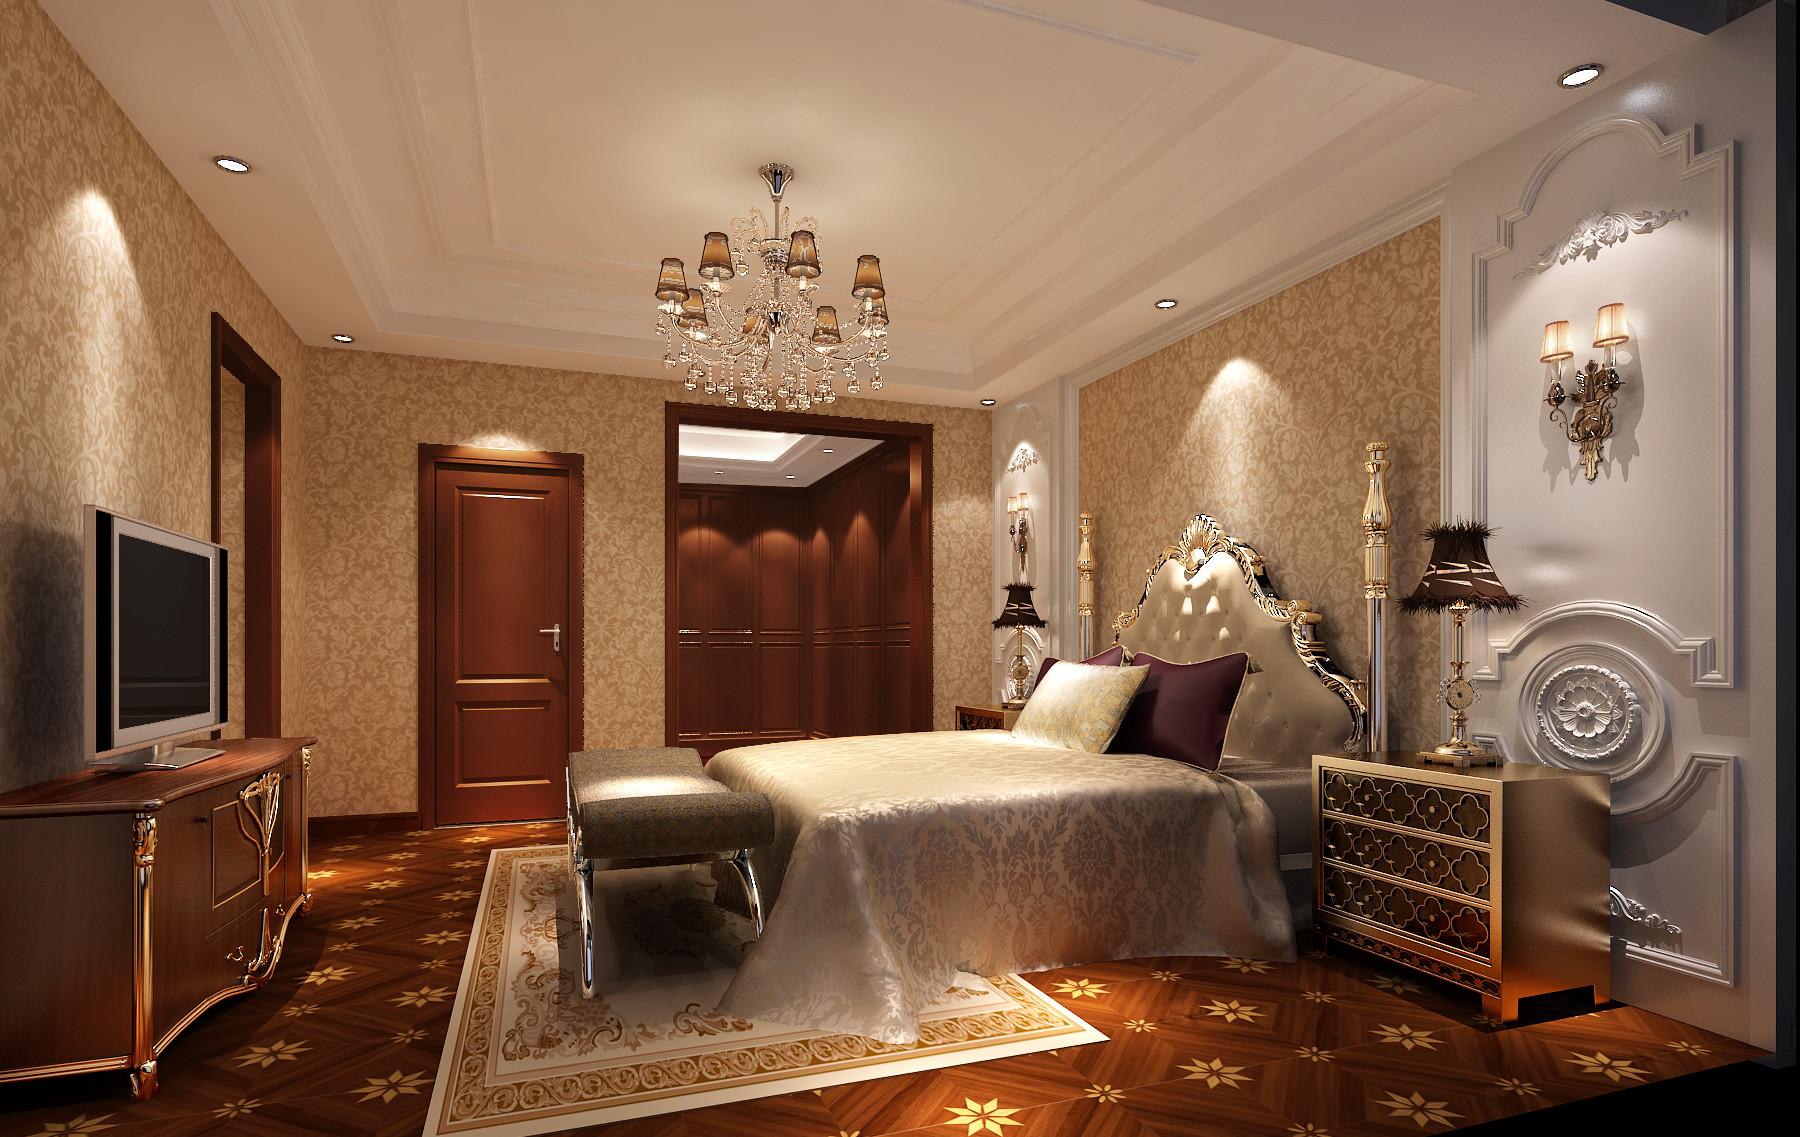 简欧 高度国际 孔雀城 卧室图片来自凌军在潮白河孔雀城350平米的分享